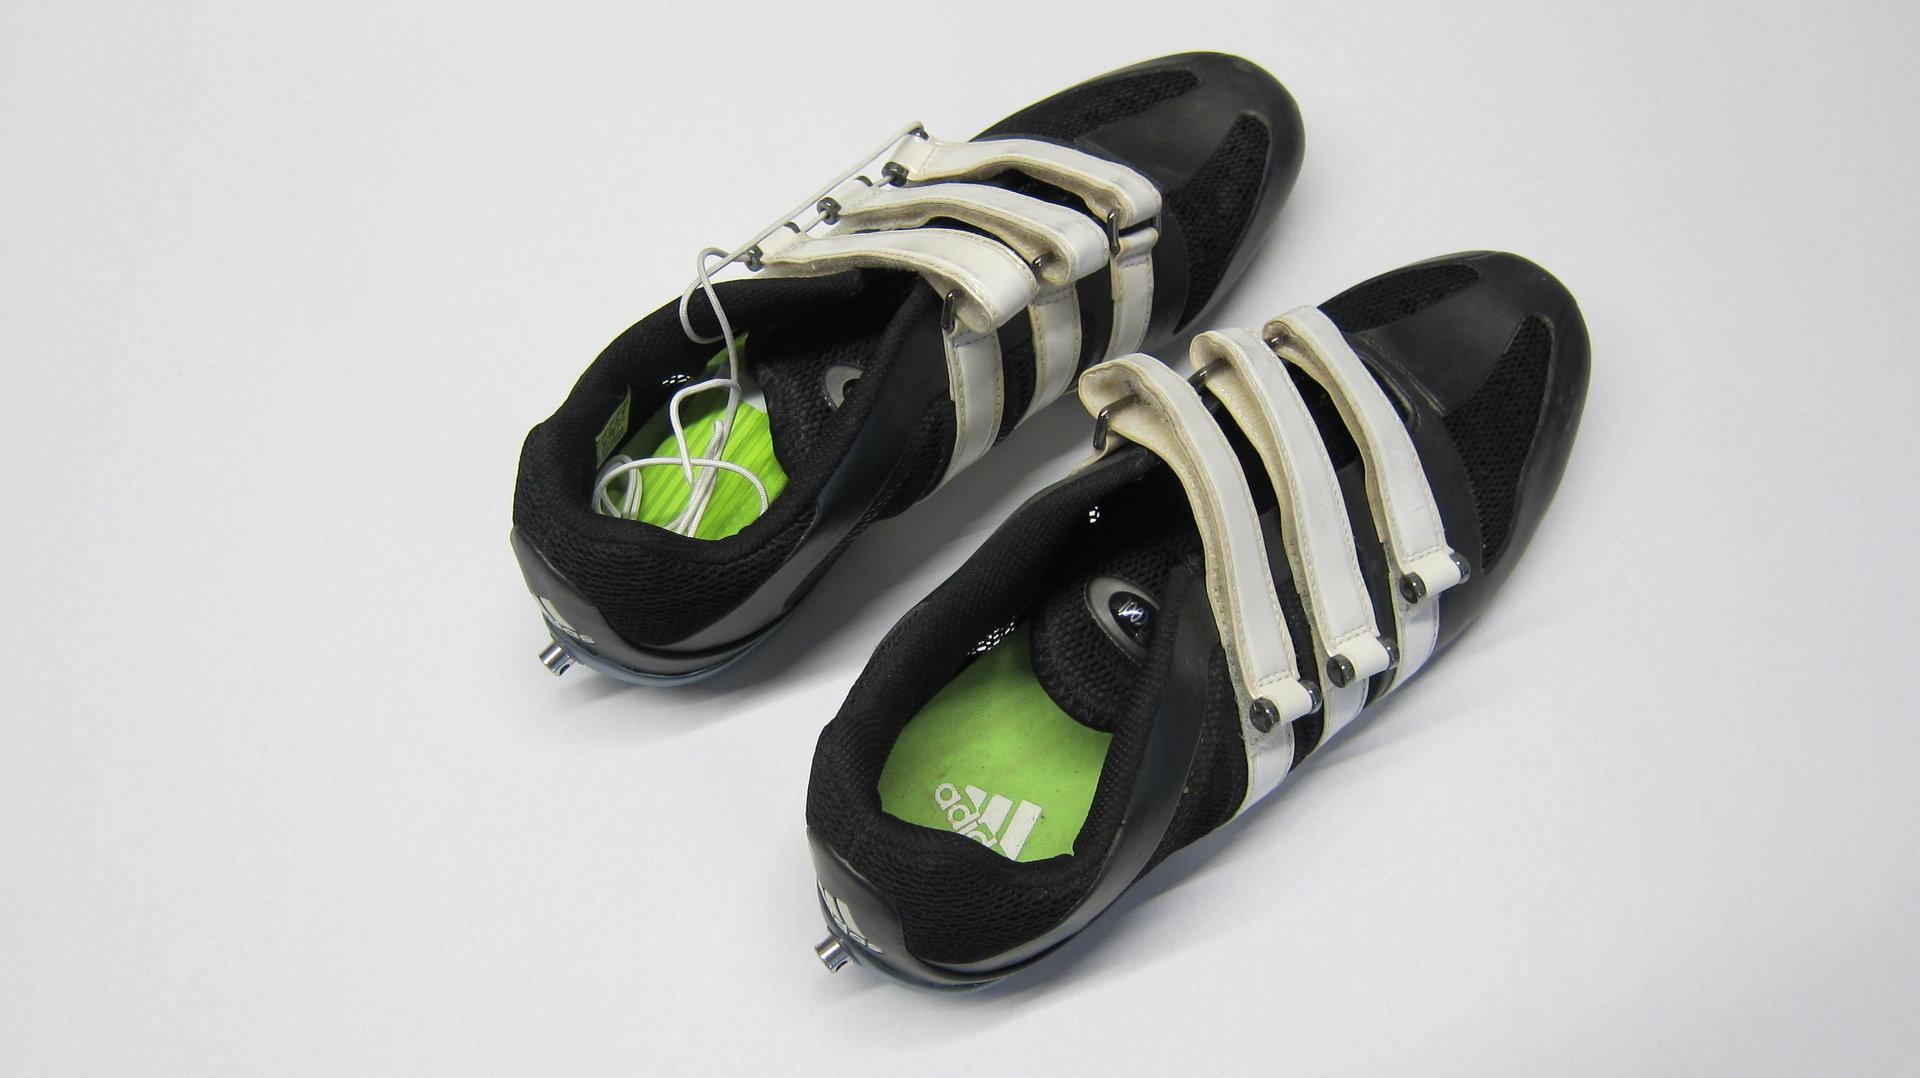 Adidas Rowing Shoes Uk